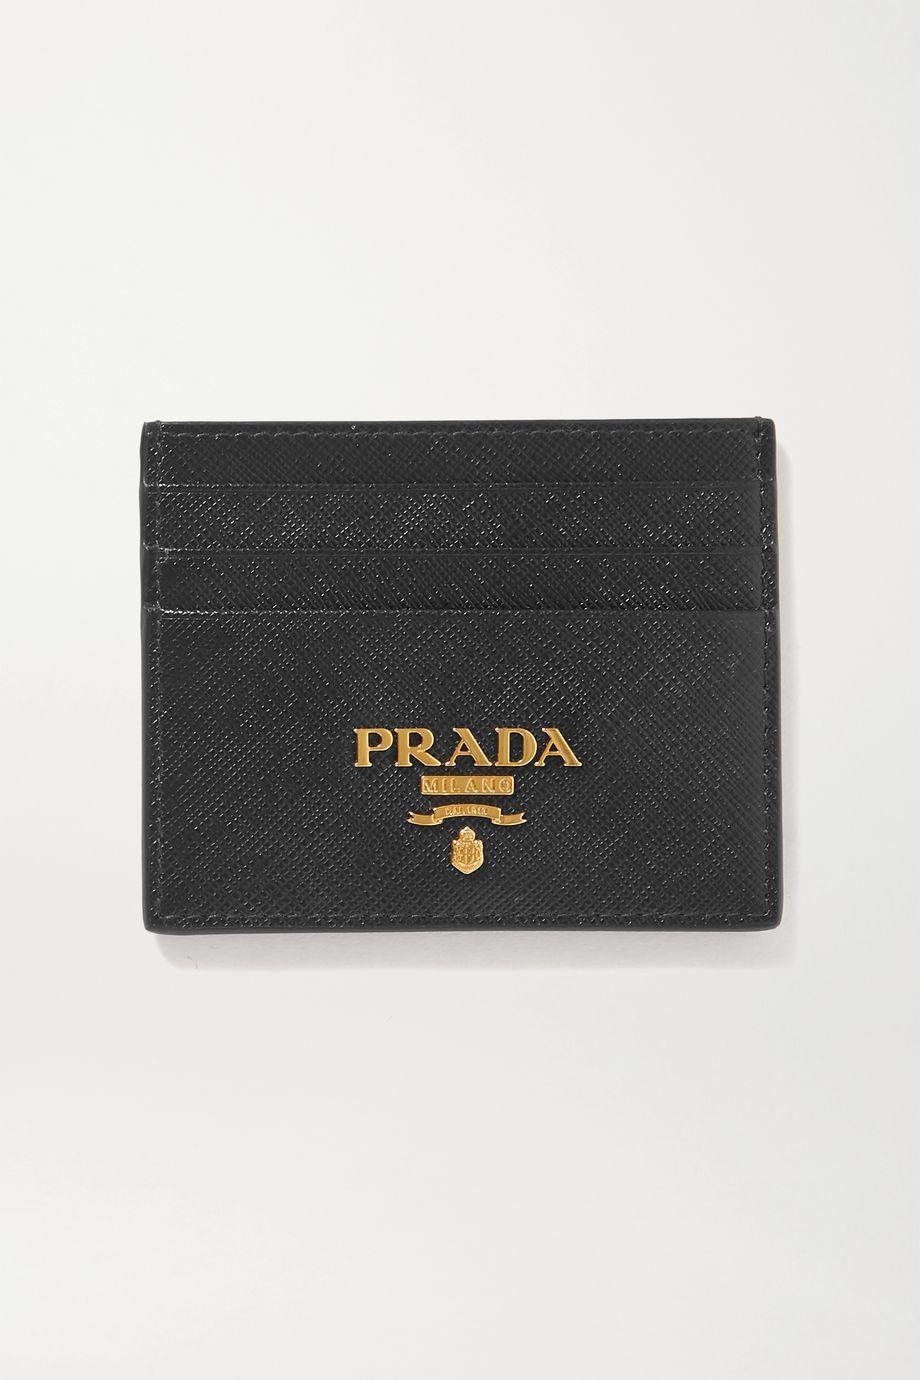 Prada Porte-cartes en cuir texturé